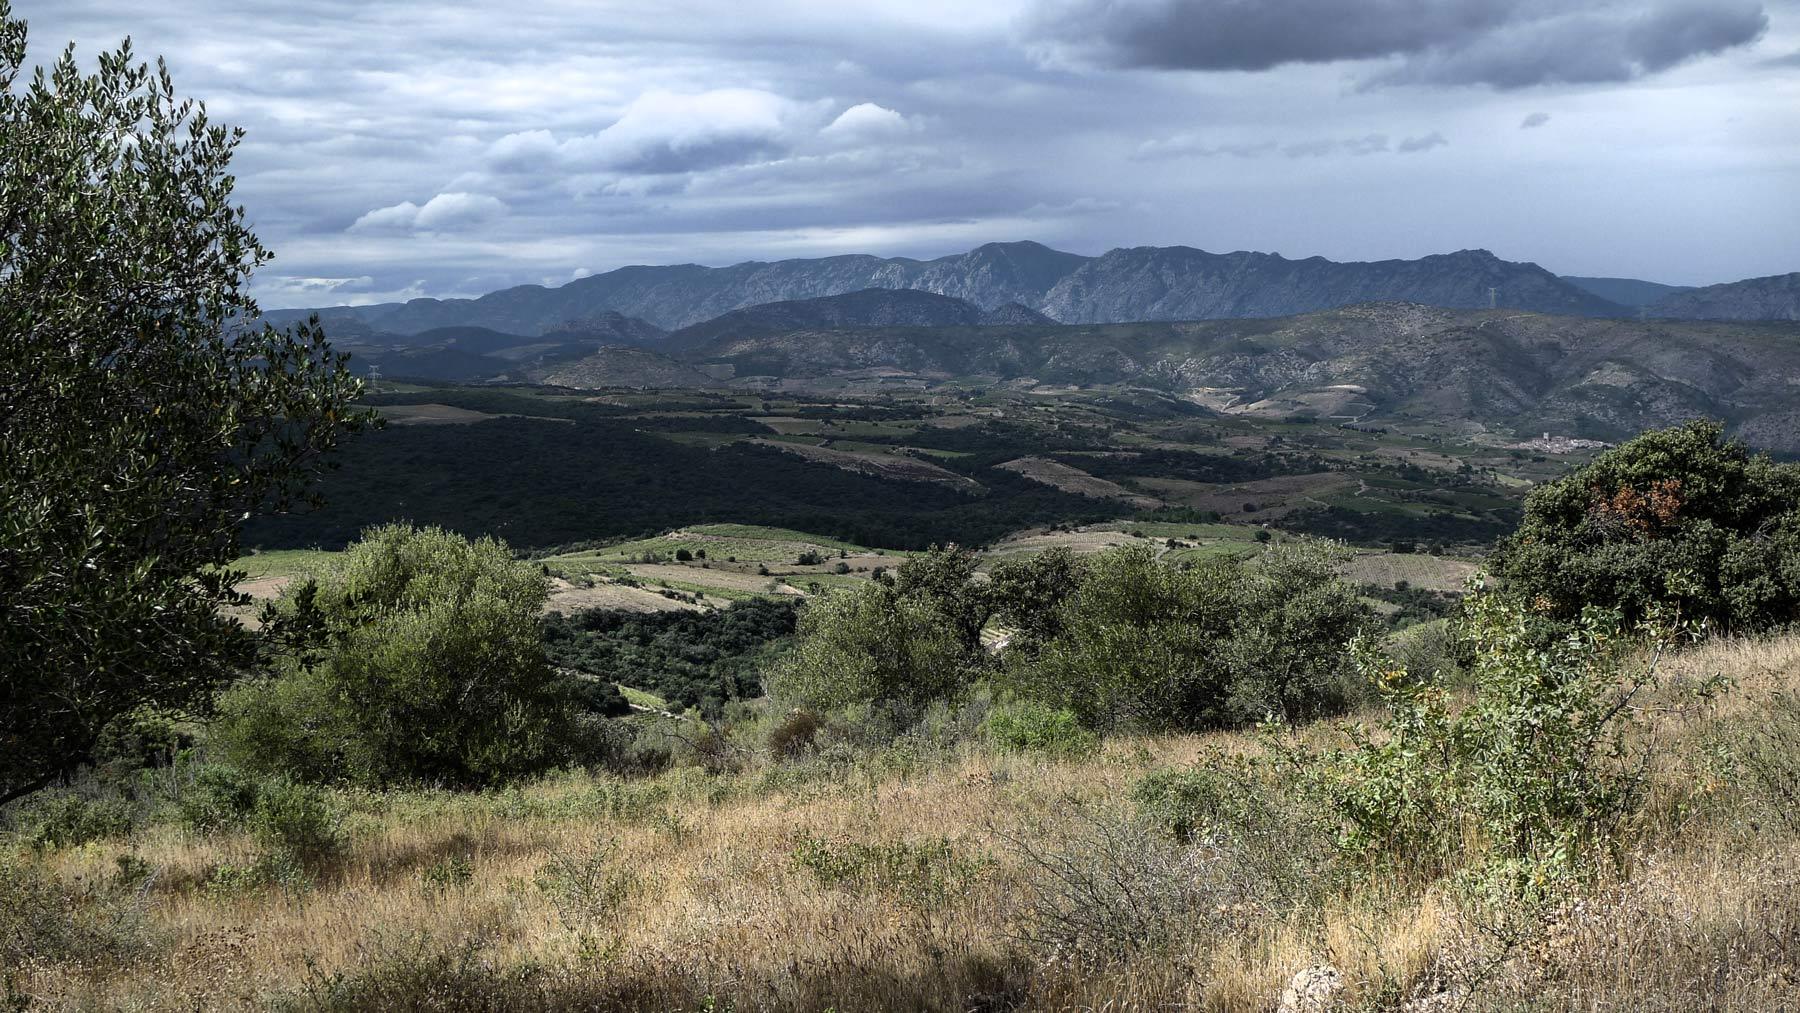 Weinberg im Roussillon, einer der Regionen im weinraum